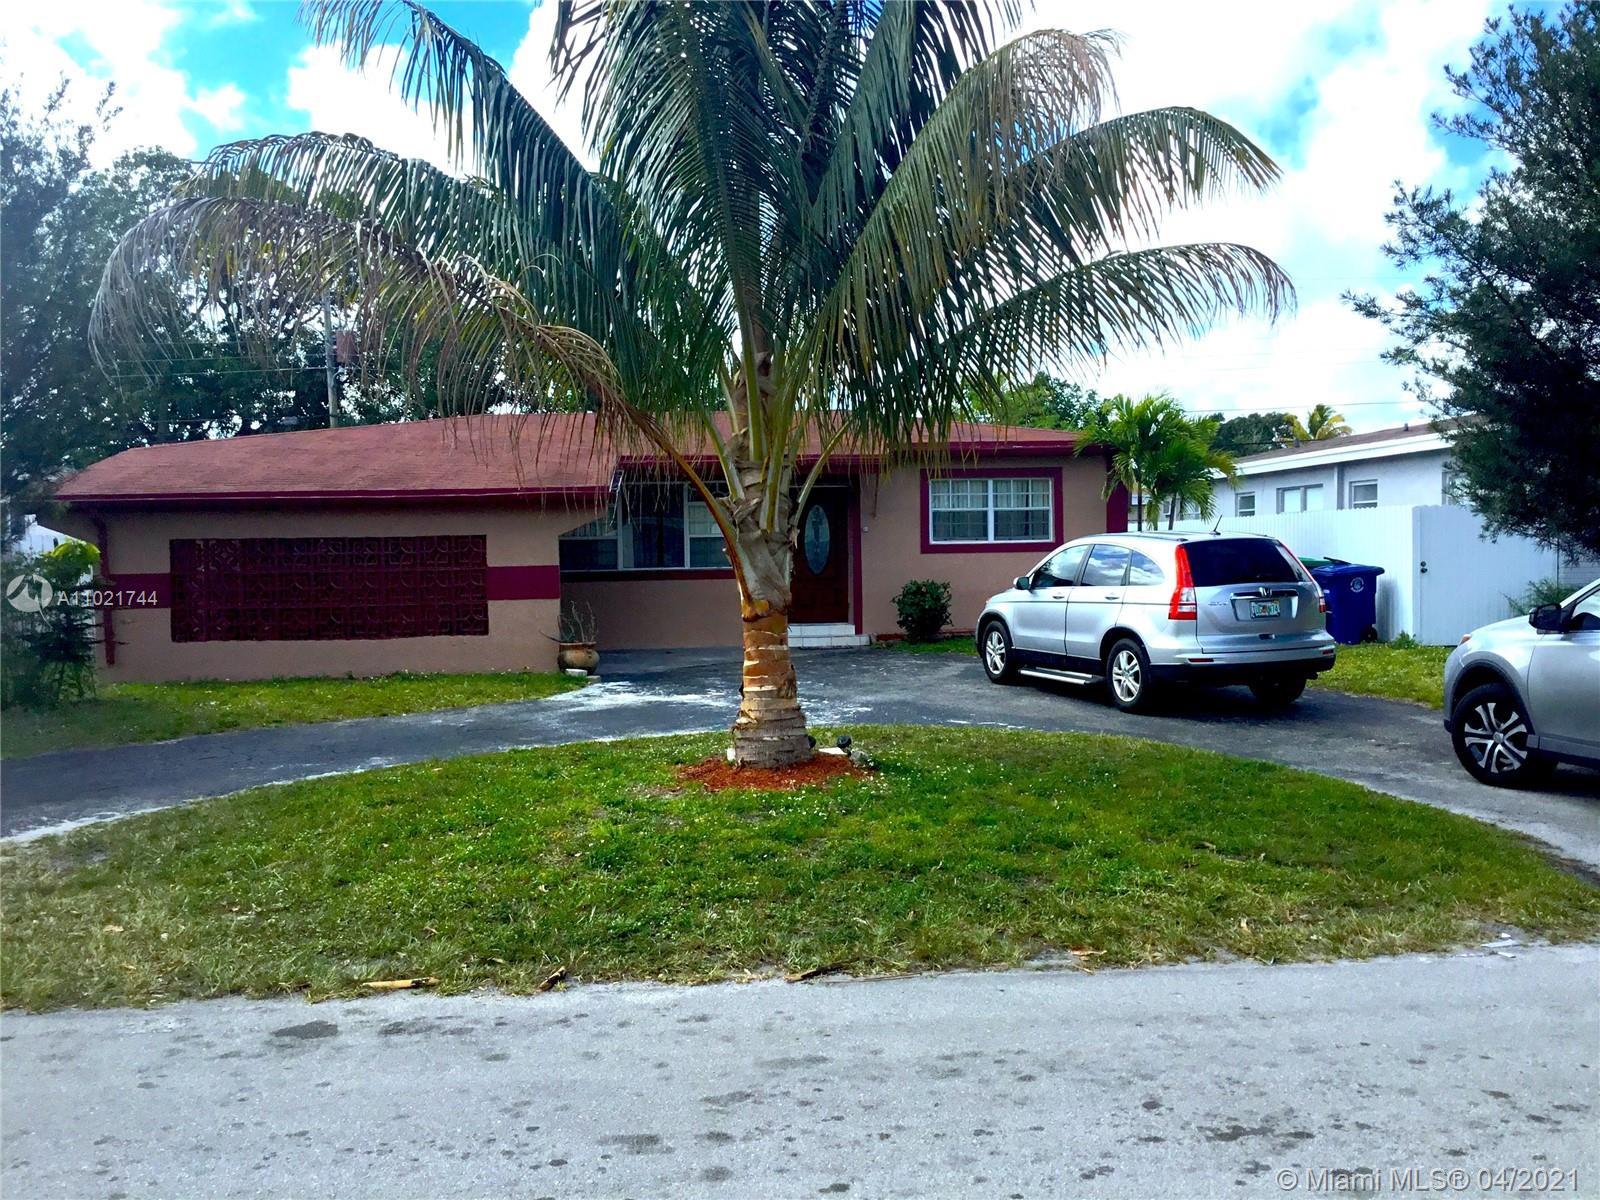 Miramar Sec - 7904 Kismet St, Miramar, FL 33023